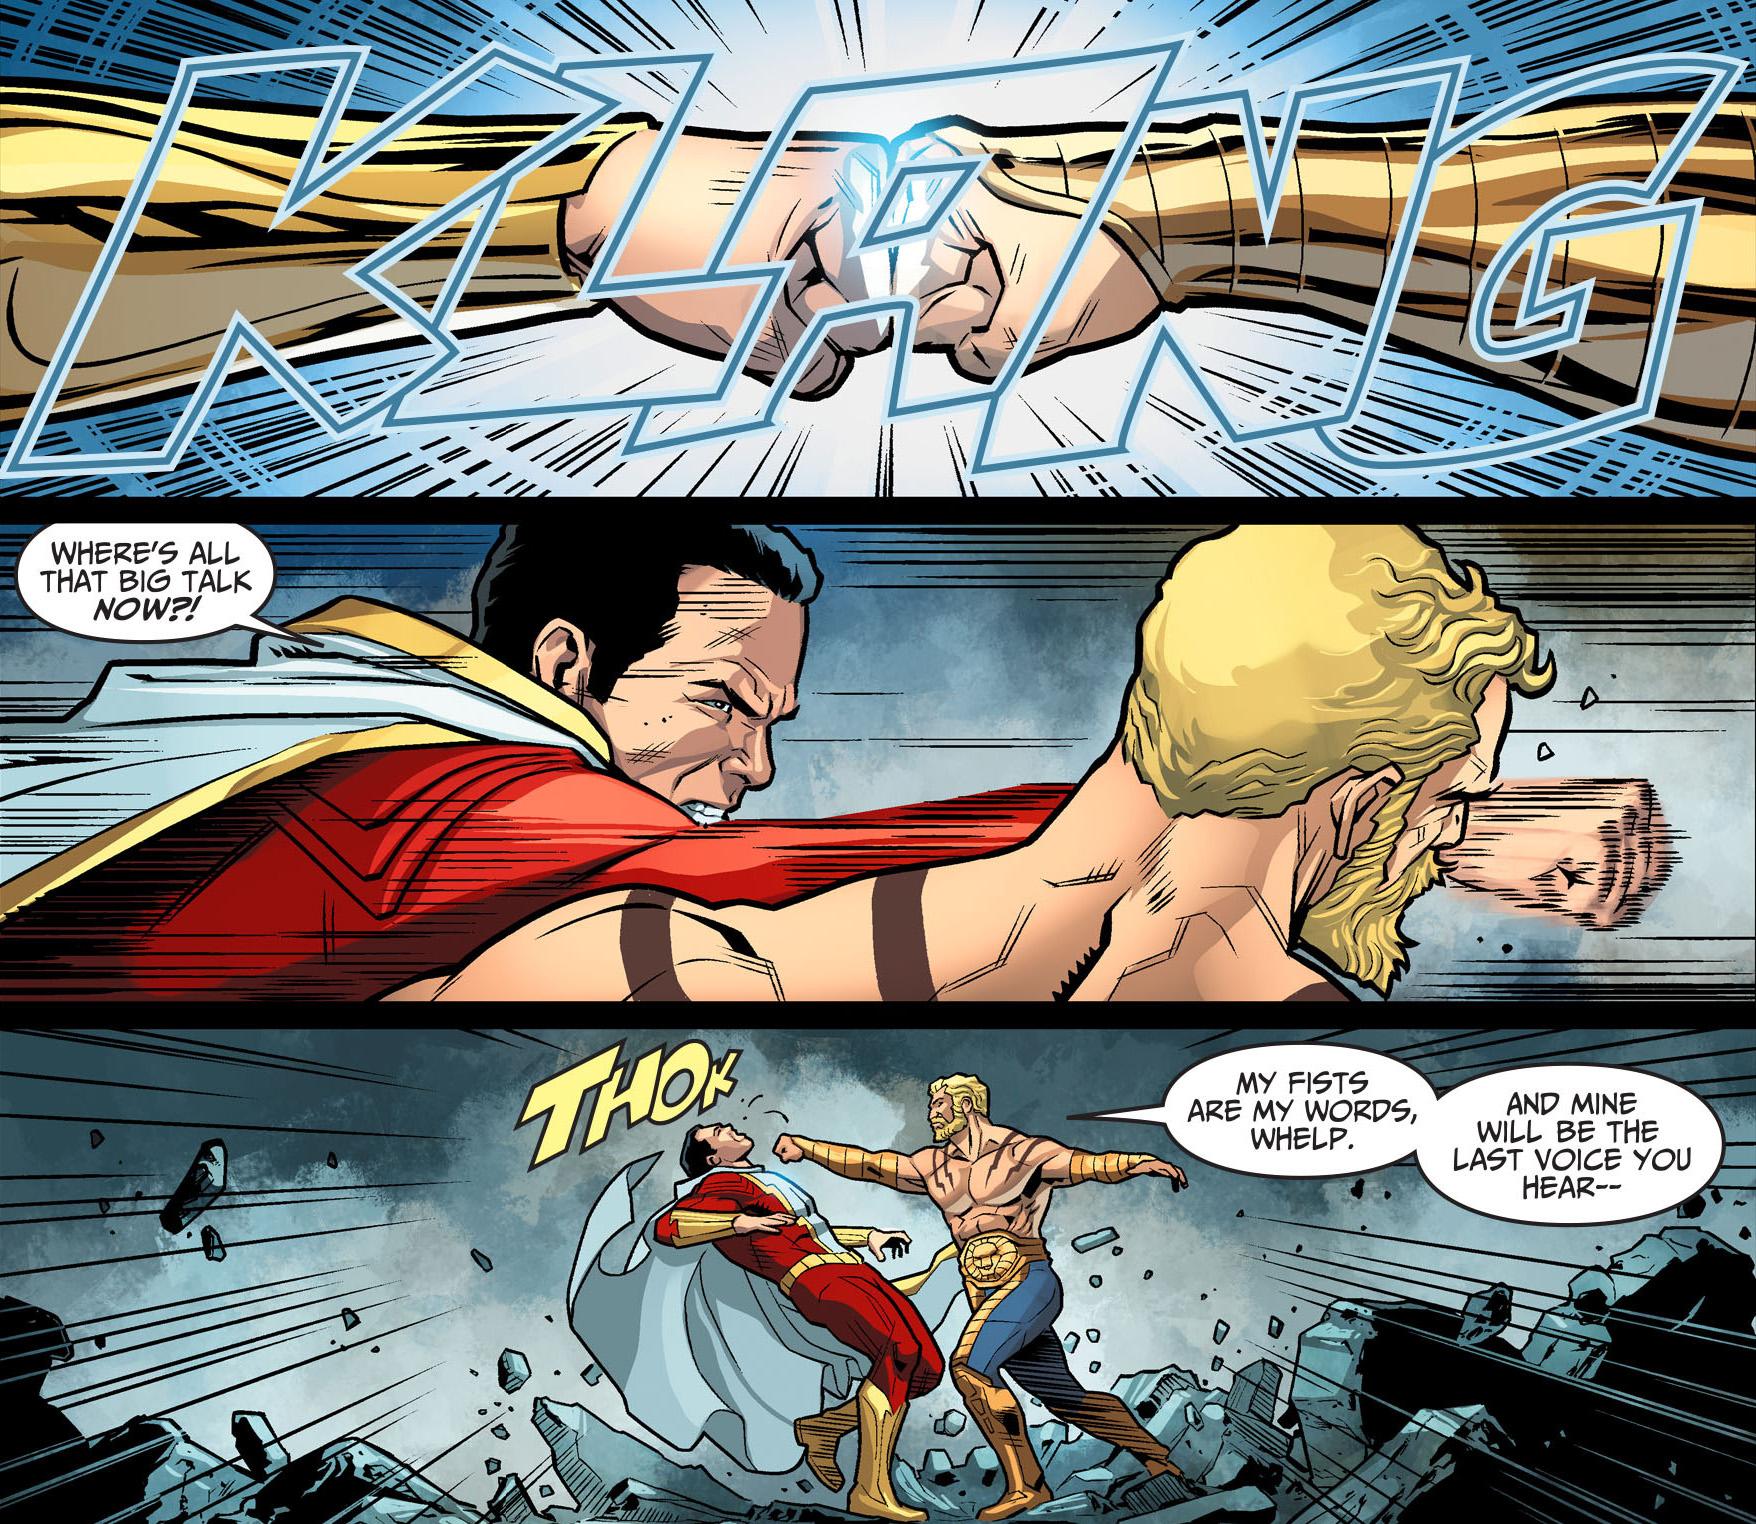 Hercules vs superman